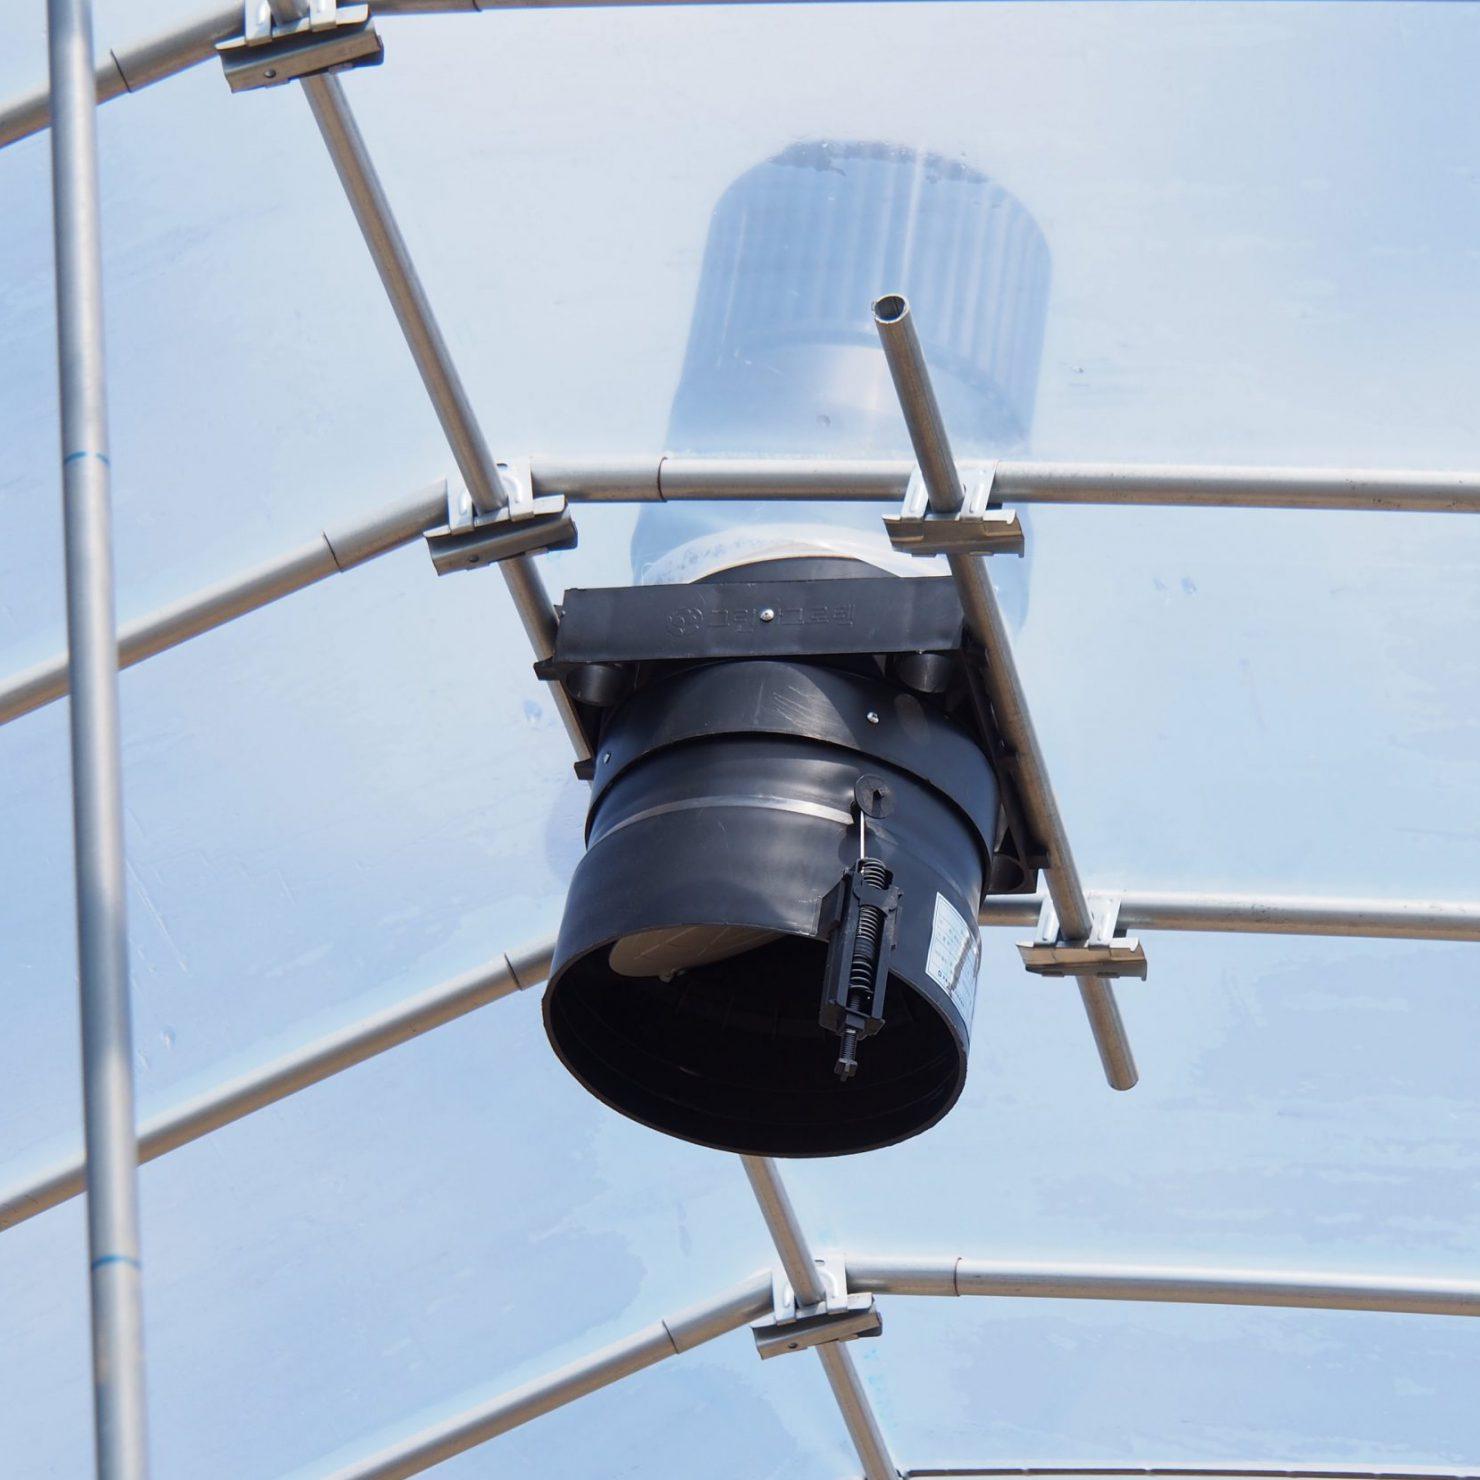 ビニールハウス栽培におすすめの換気扇「空動扇」の特徴とメリット